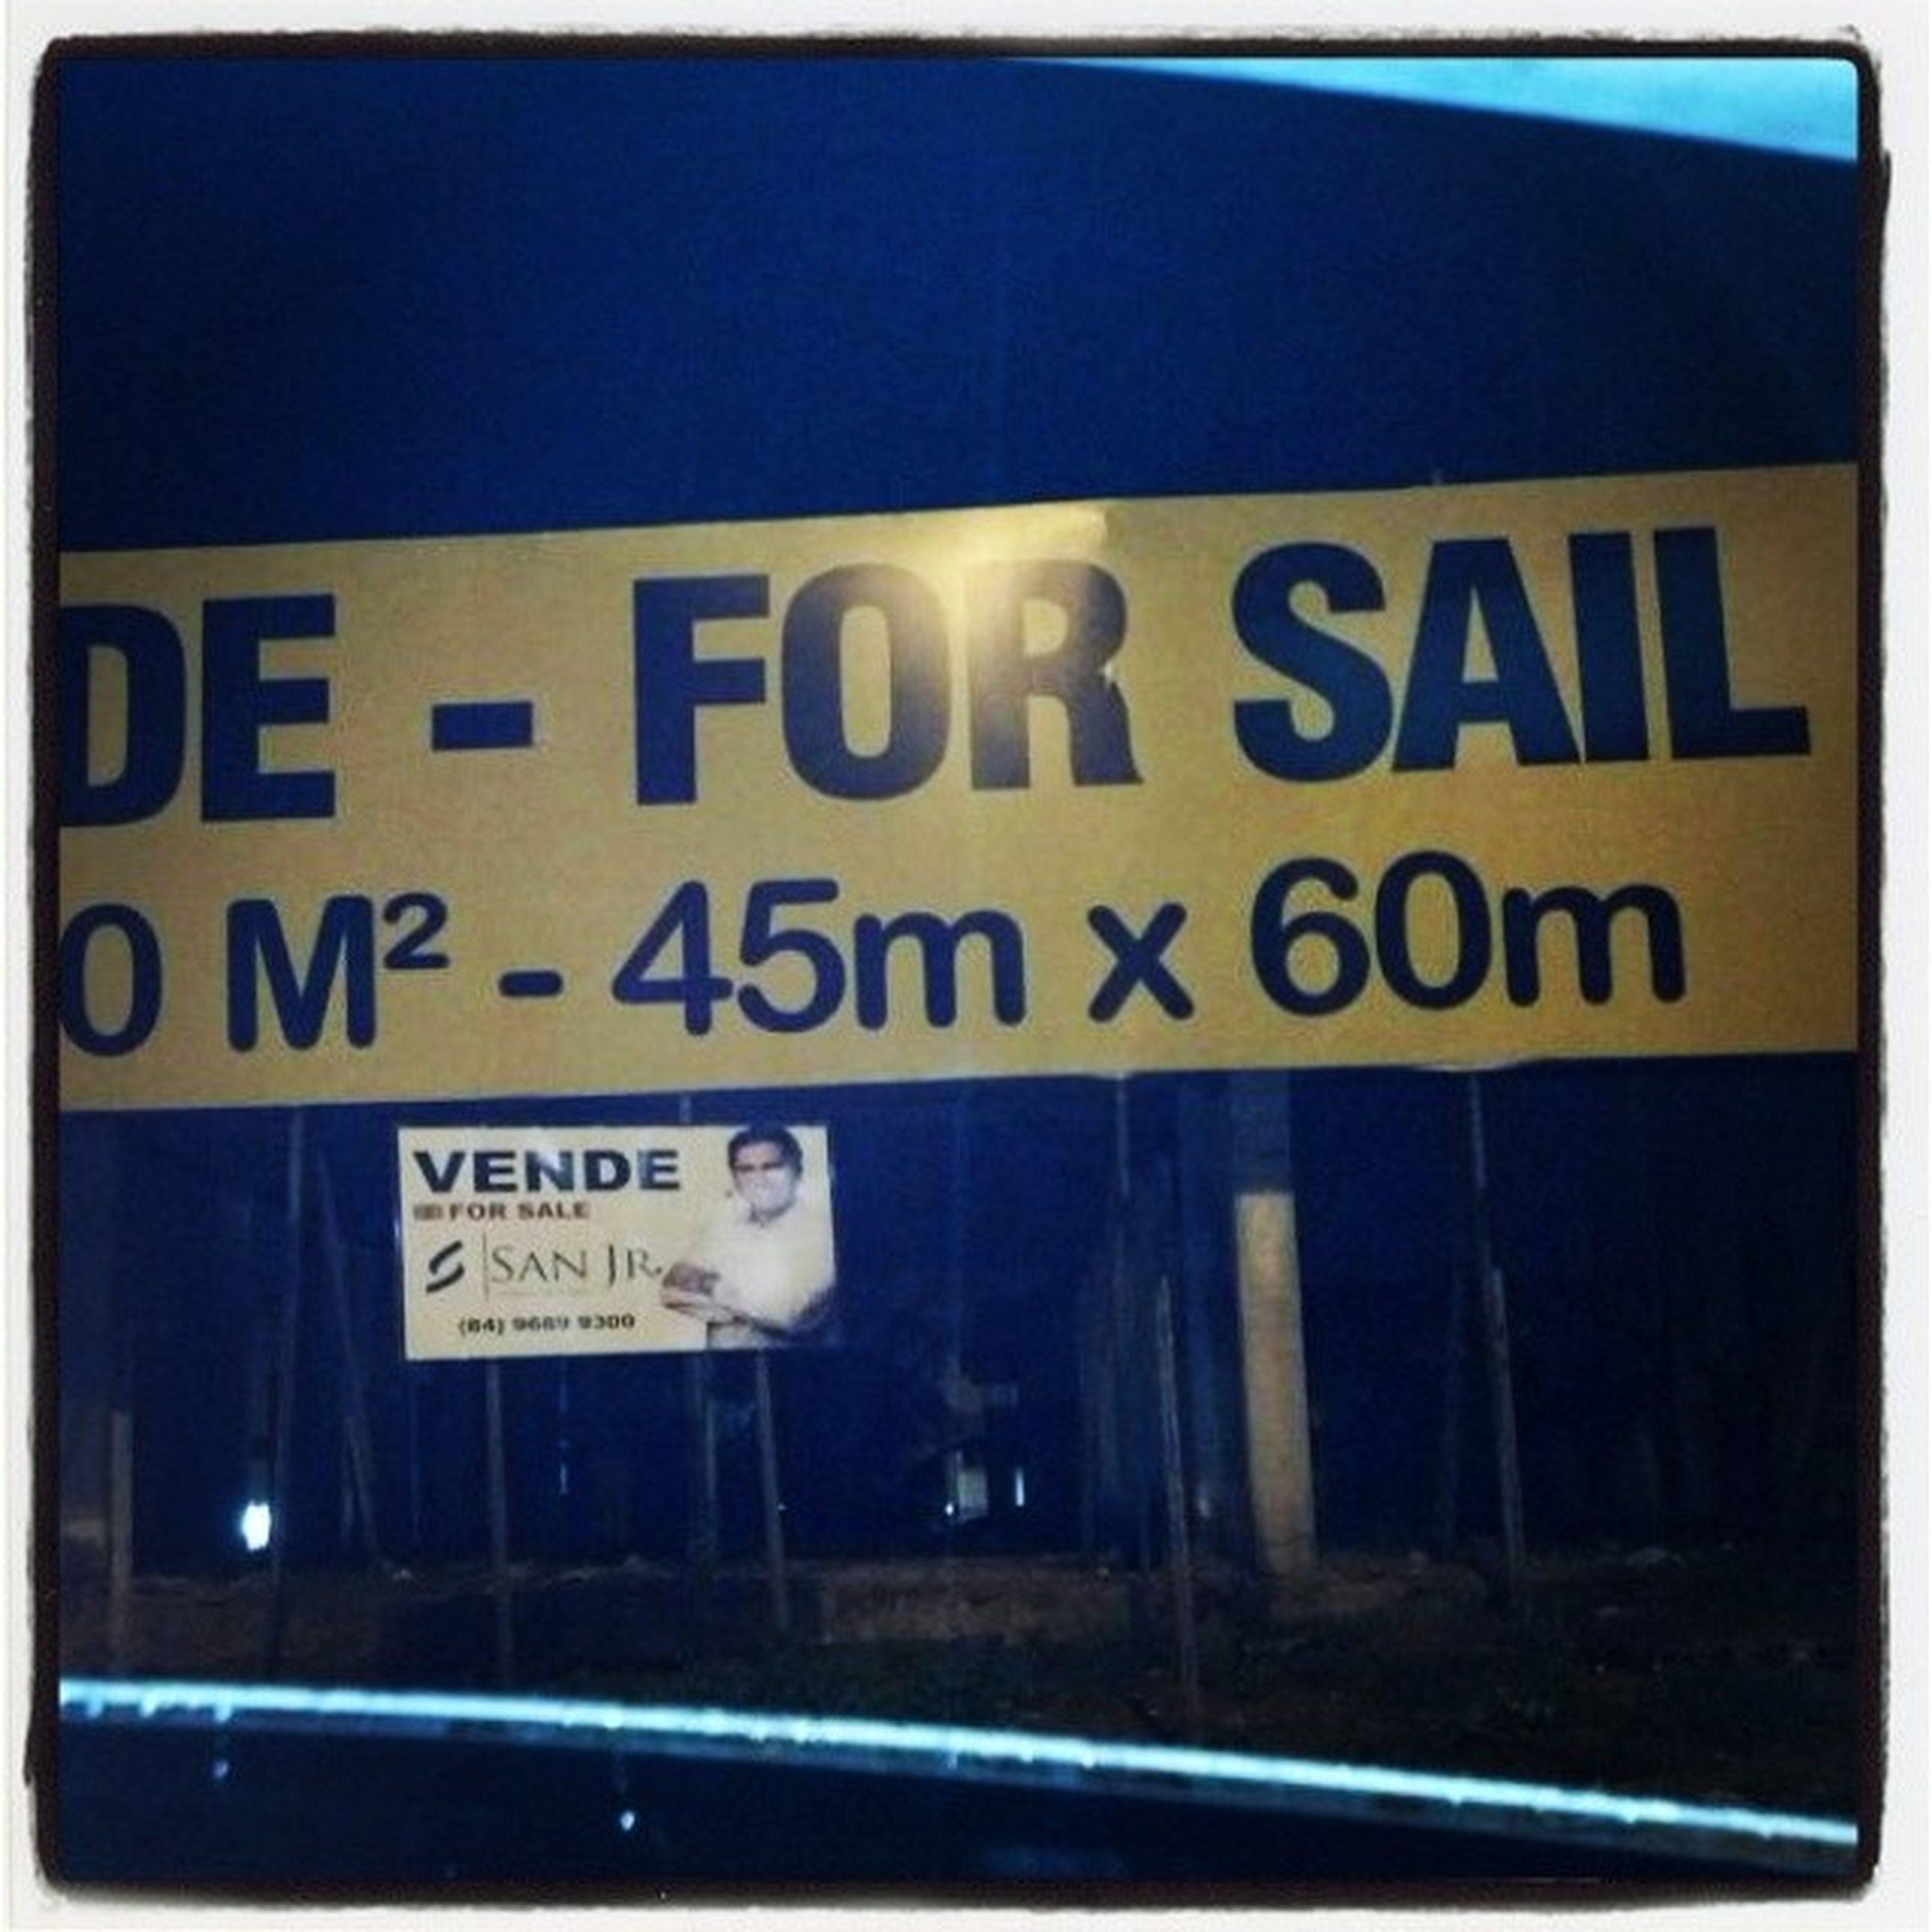 Placa gigantesca ali perto do praia shopping. Conselho: Contrate um profissional e poupe-se da vergonha ! Sailfail Quantopiormelhor